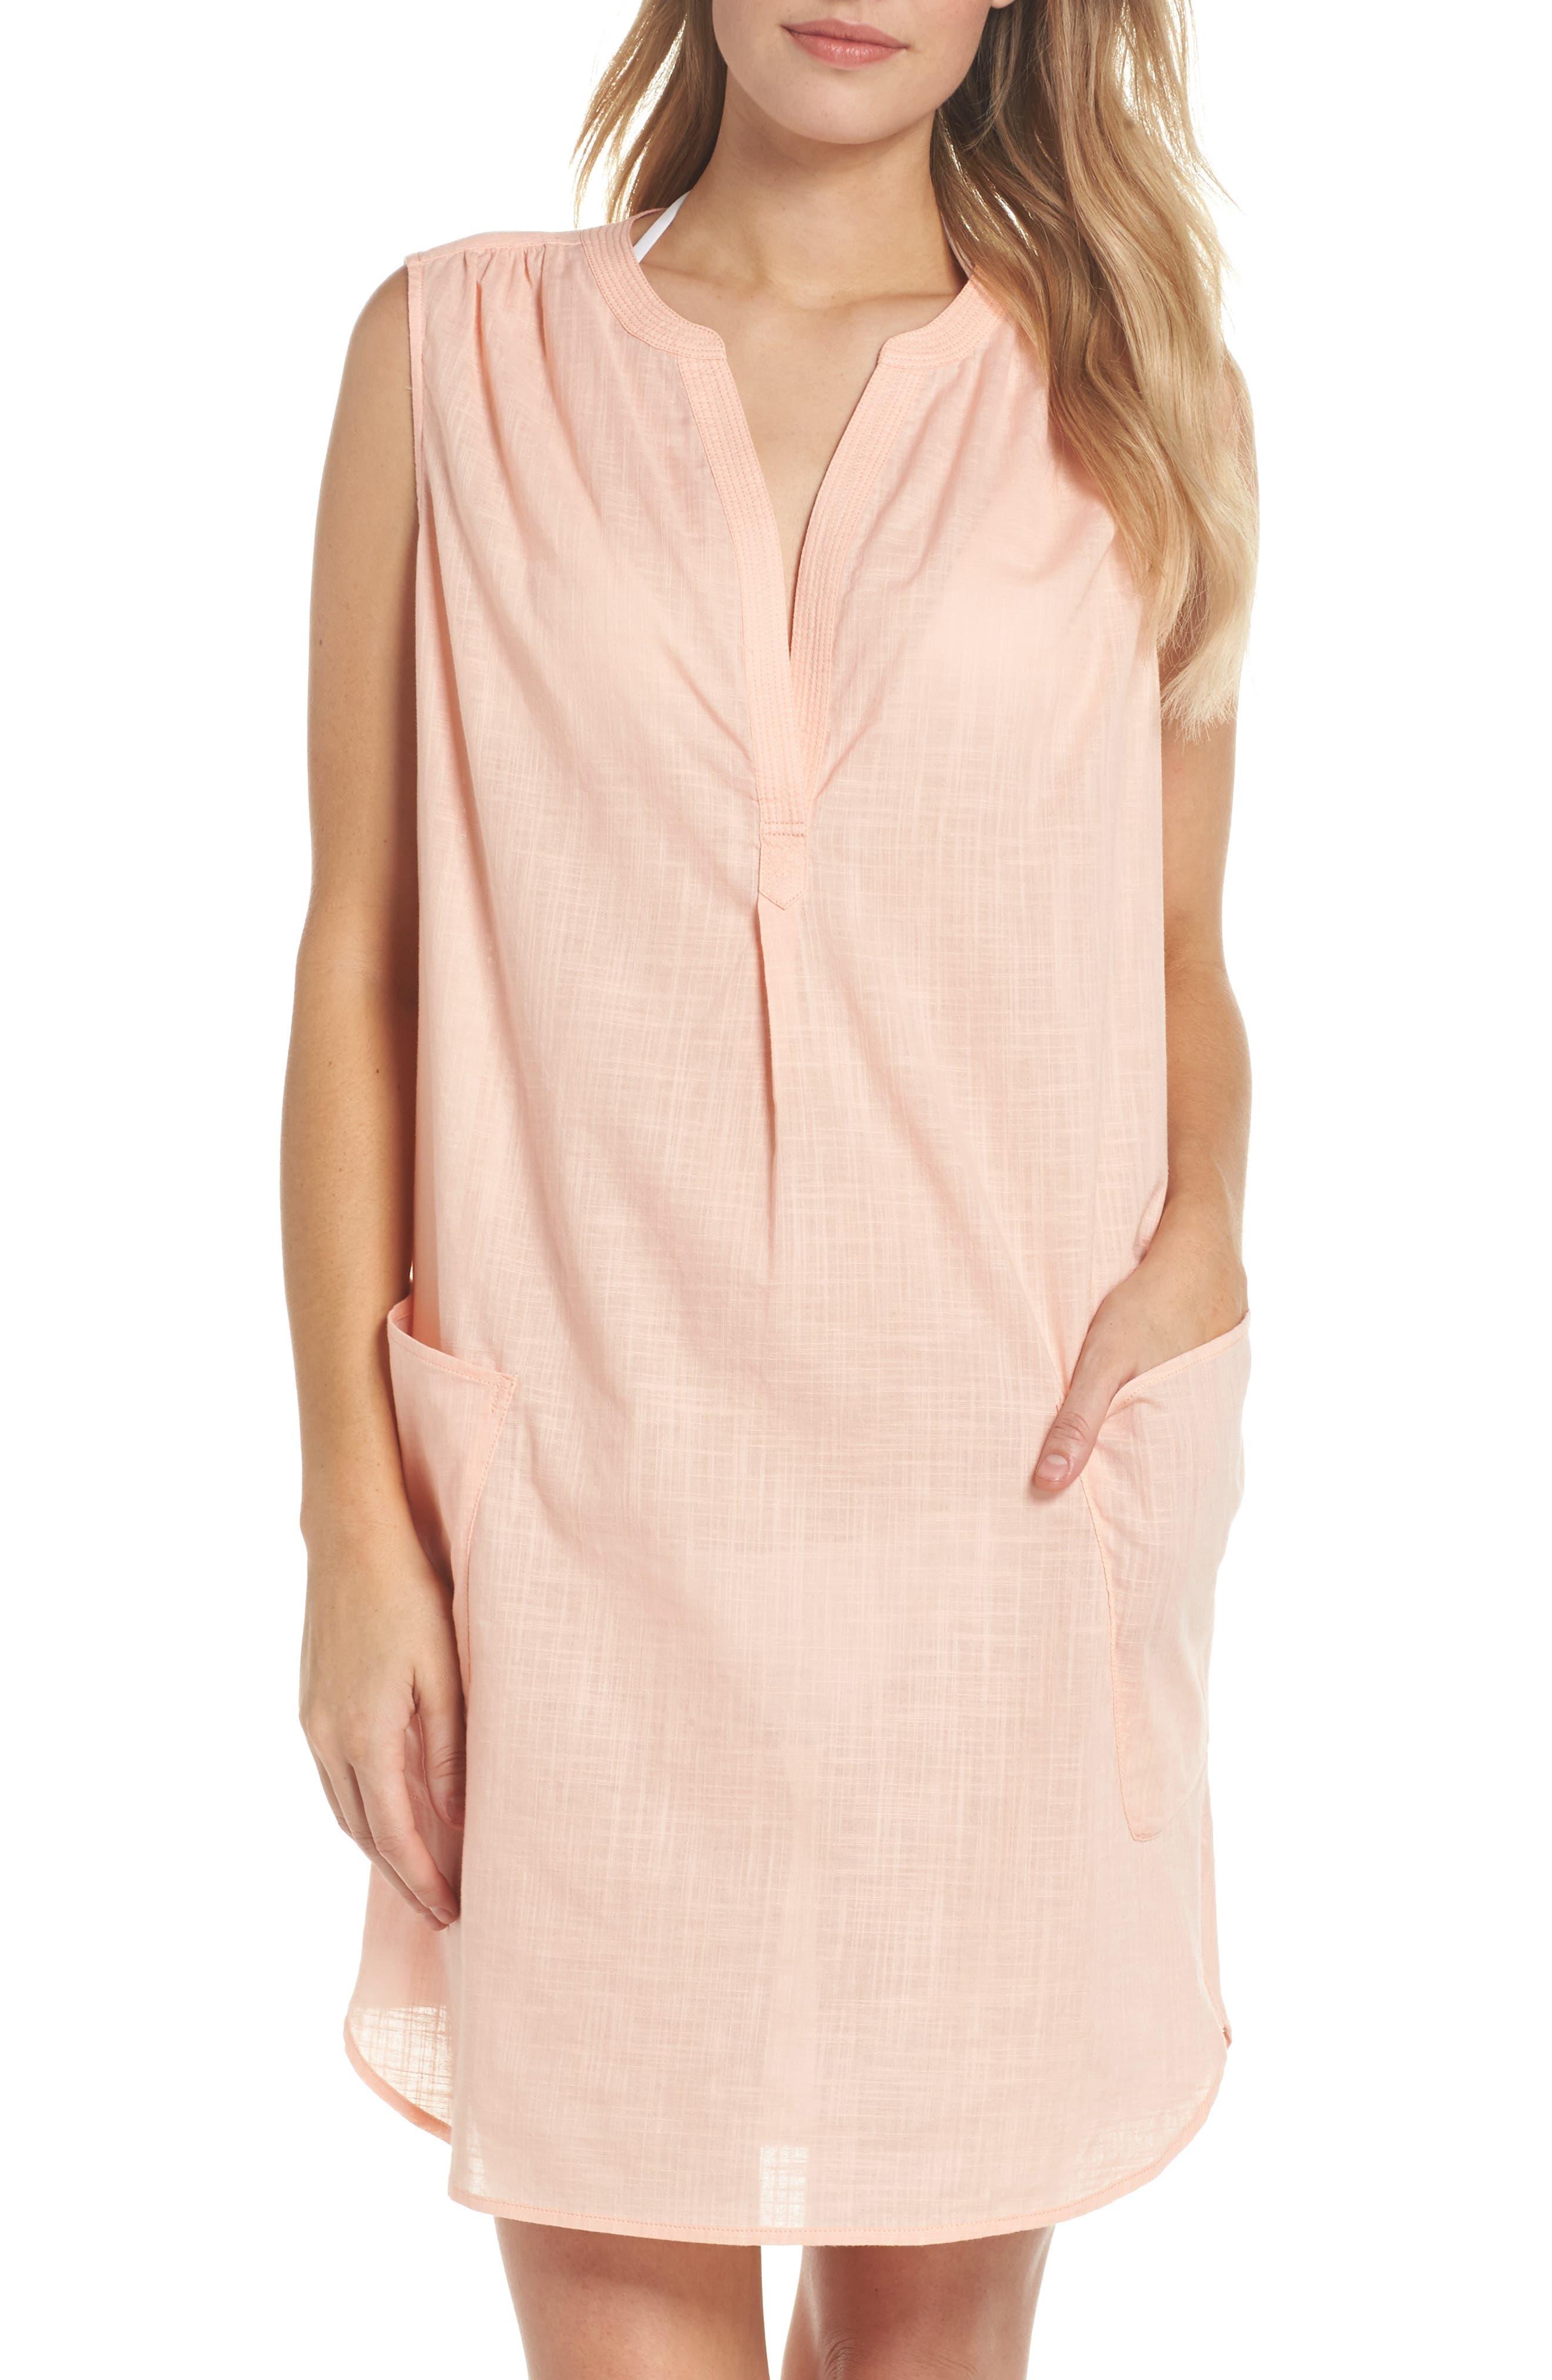 Palm Beach Cover-Up Dress,                             Main thumbnail 1, color,                             Peach Melba